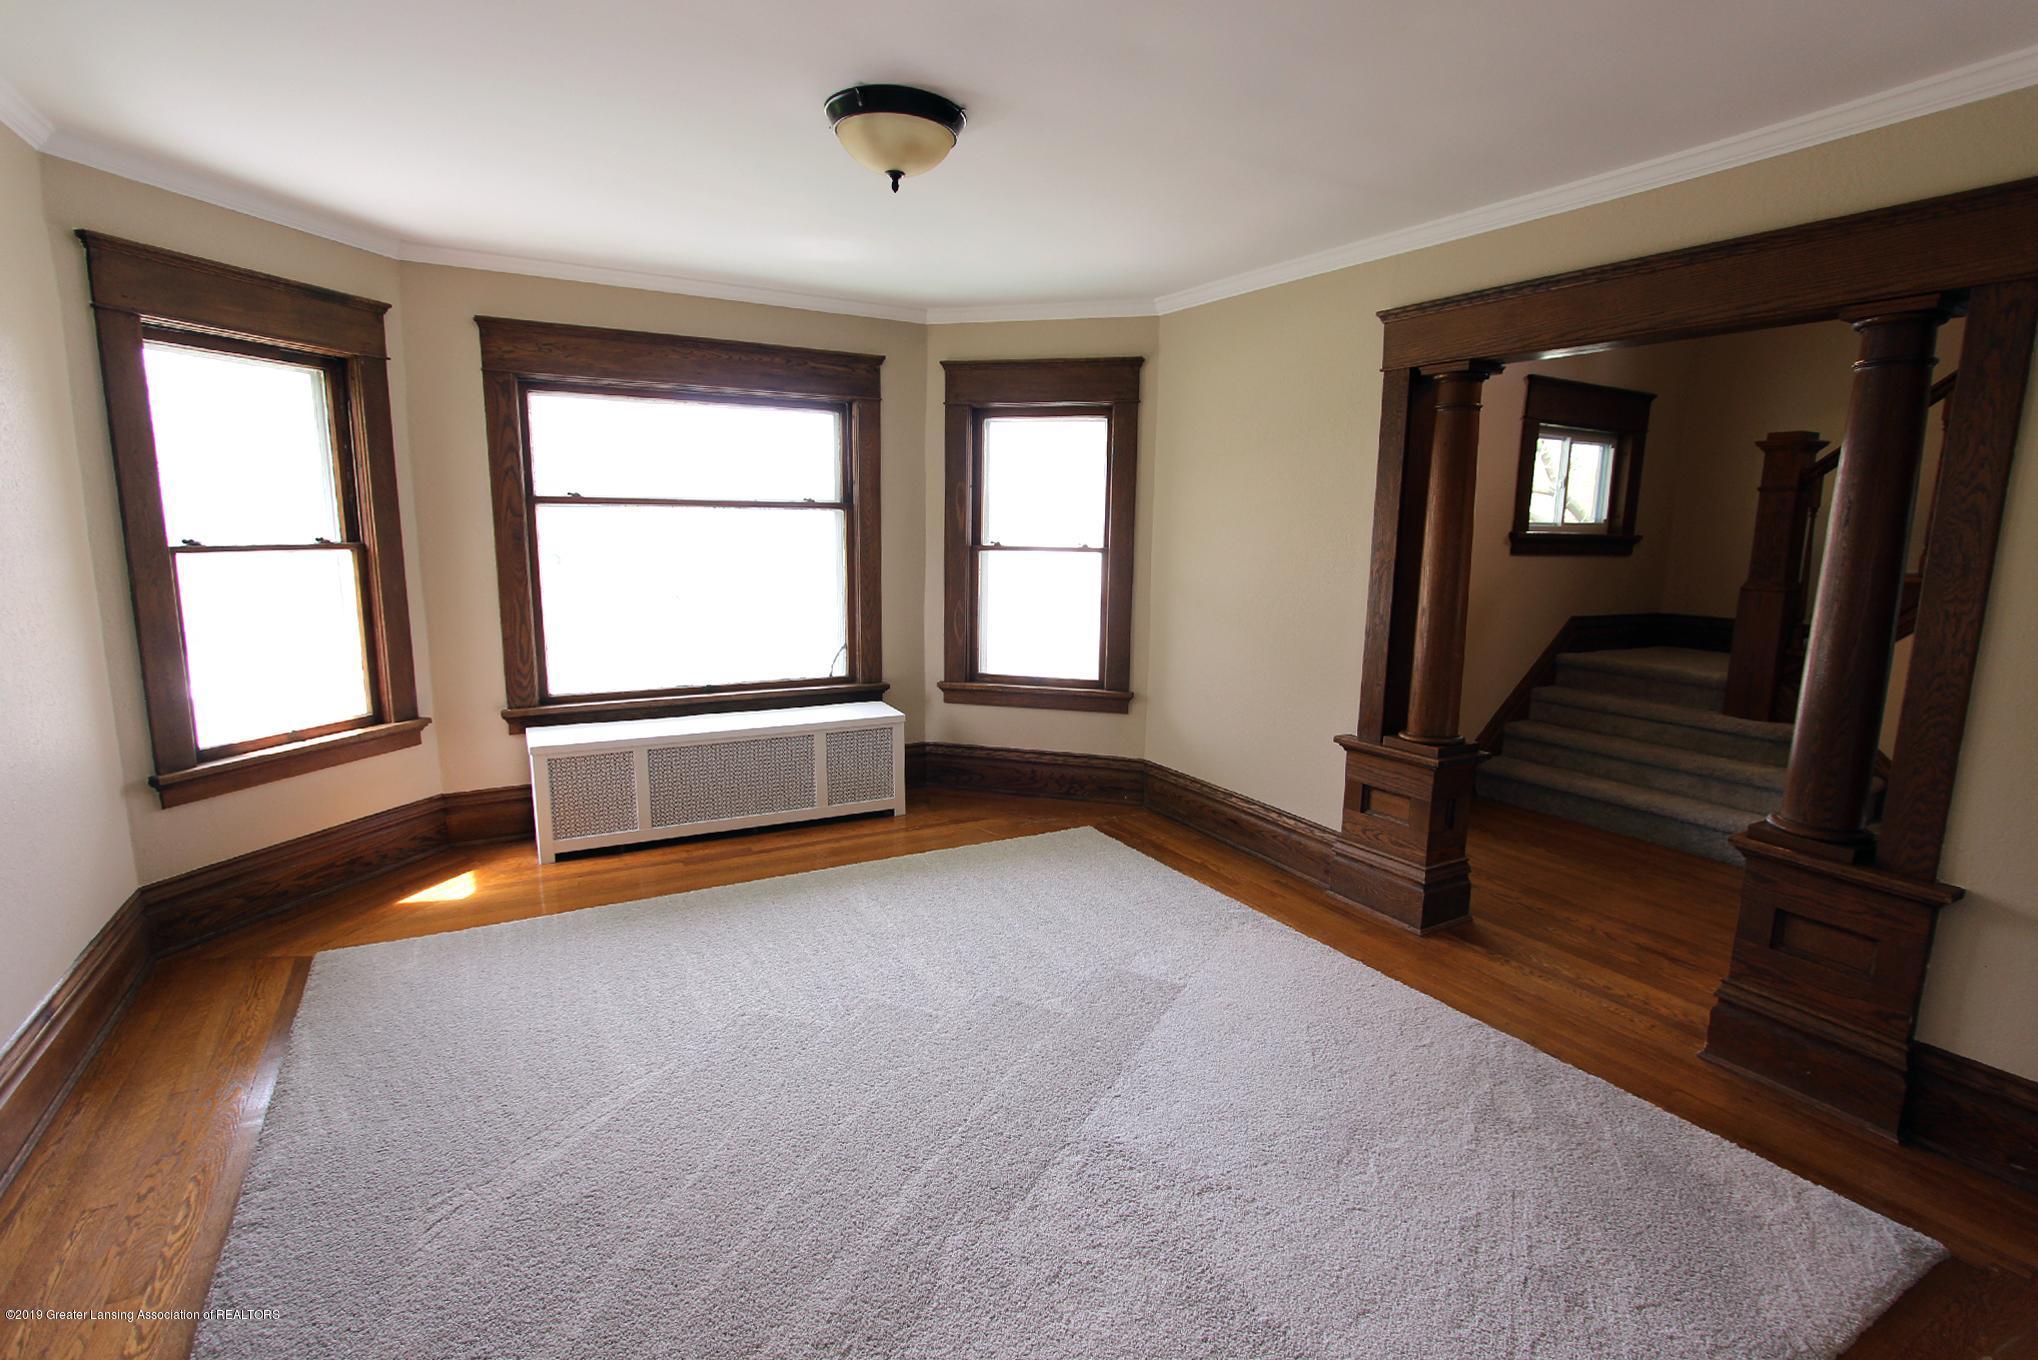 214 N Franklin St - 04 Living Room 1 - 5